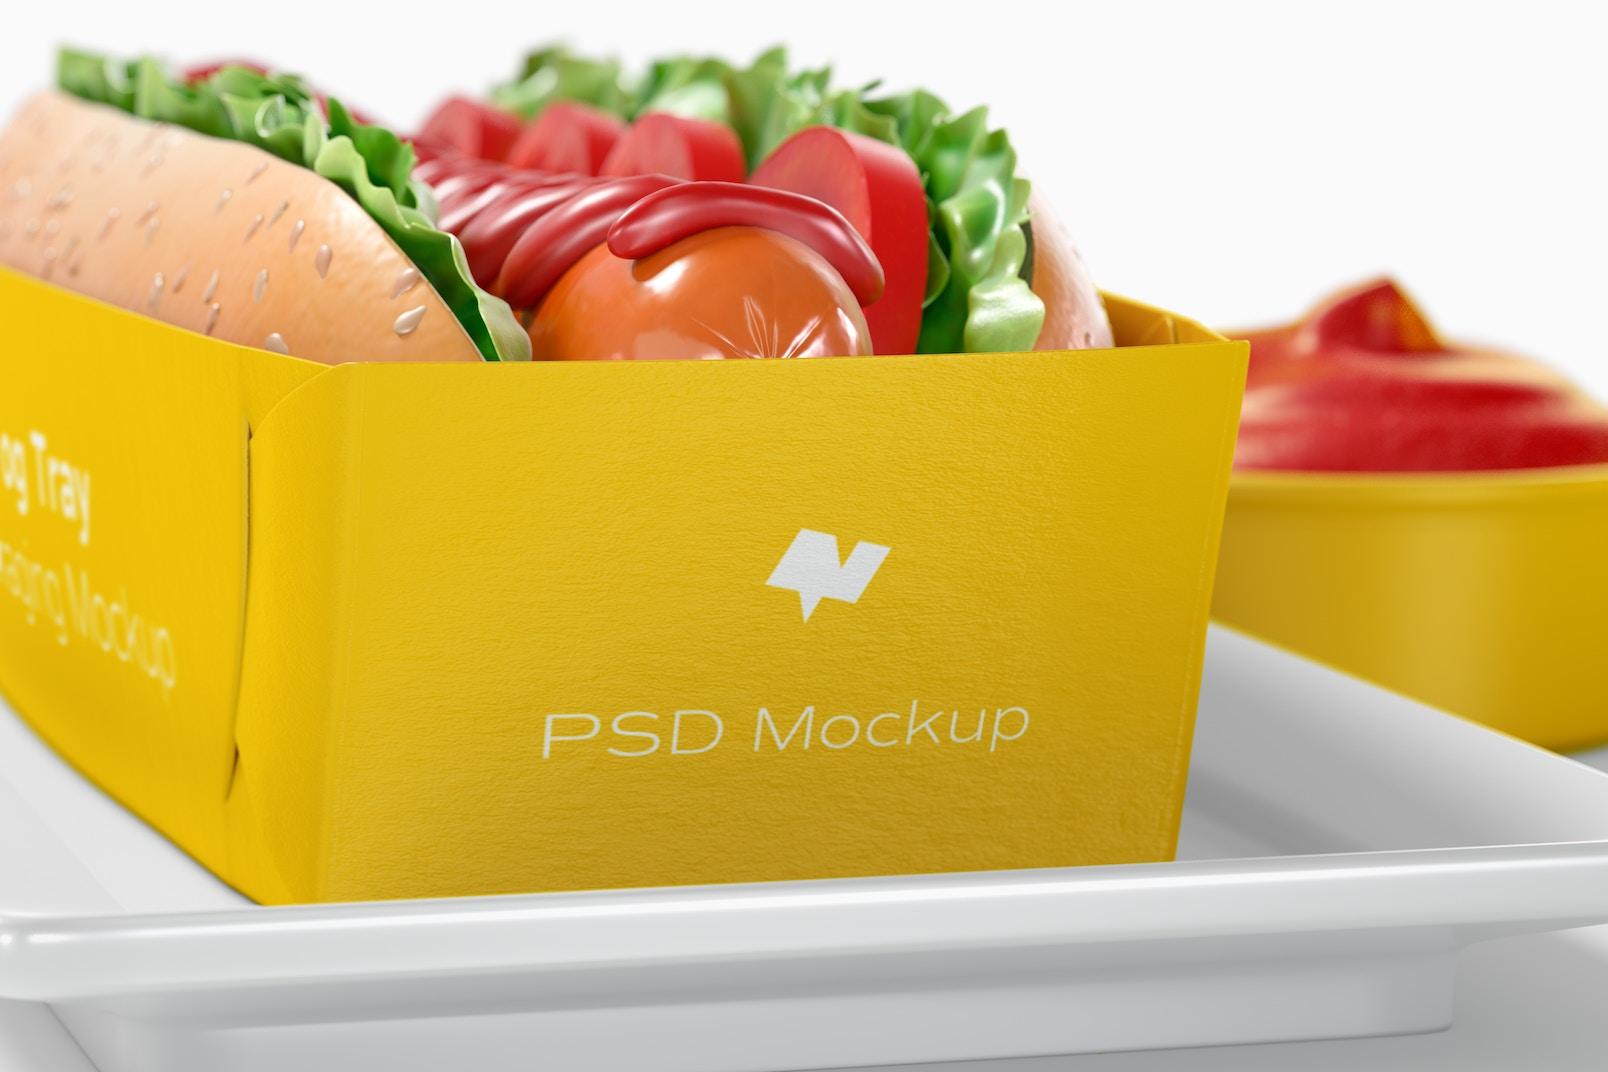 Hot Dog Tray Packaging Mockup, Close-Up